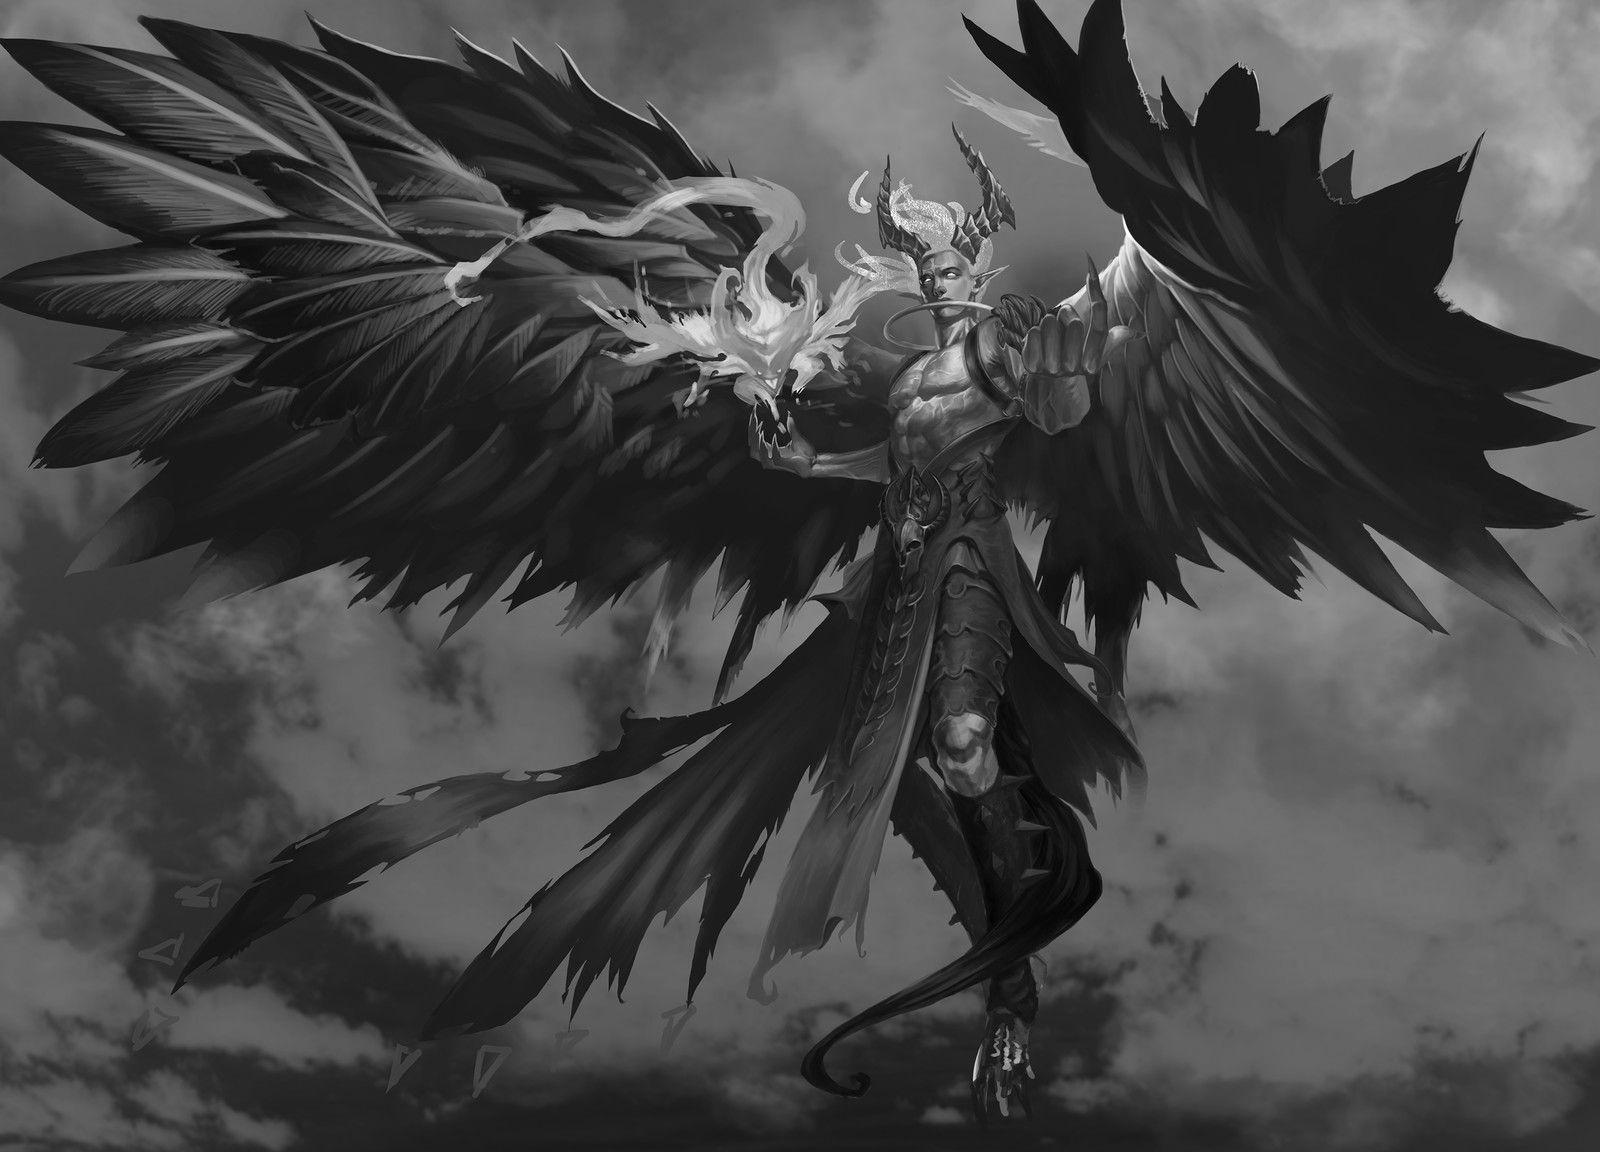 Arrogant demon, Peach Luo on ArtStation at https://www.artstation.com/artwork/0zBoK